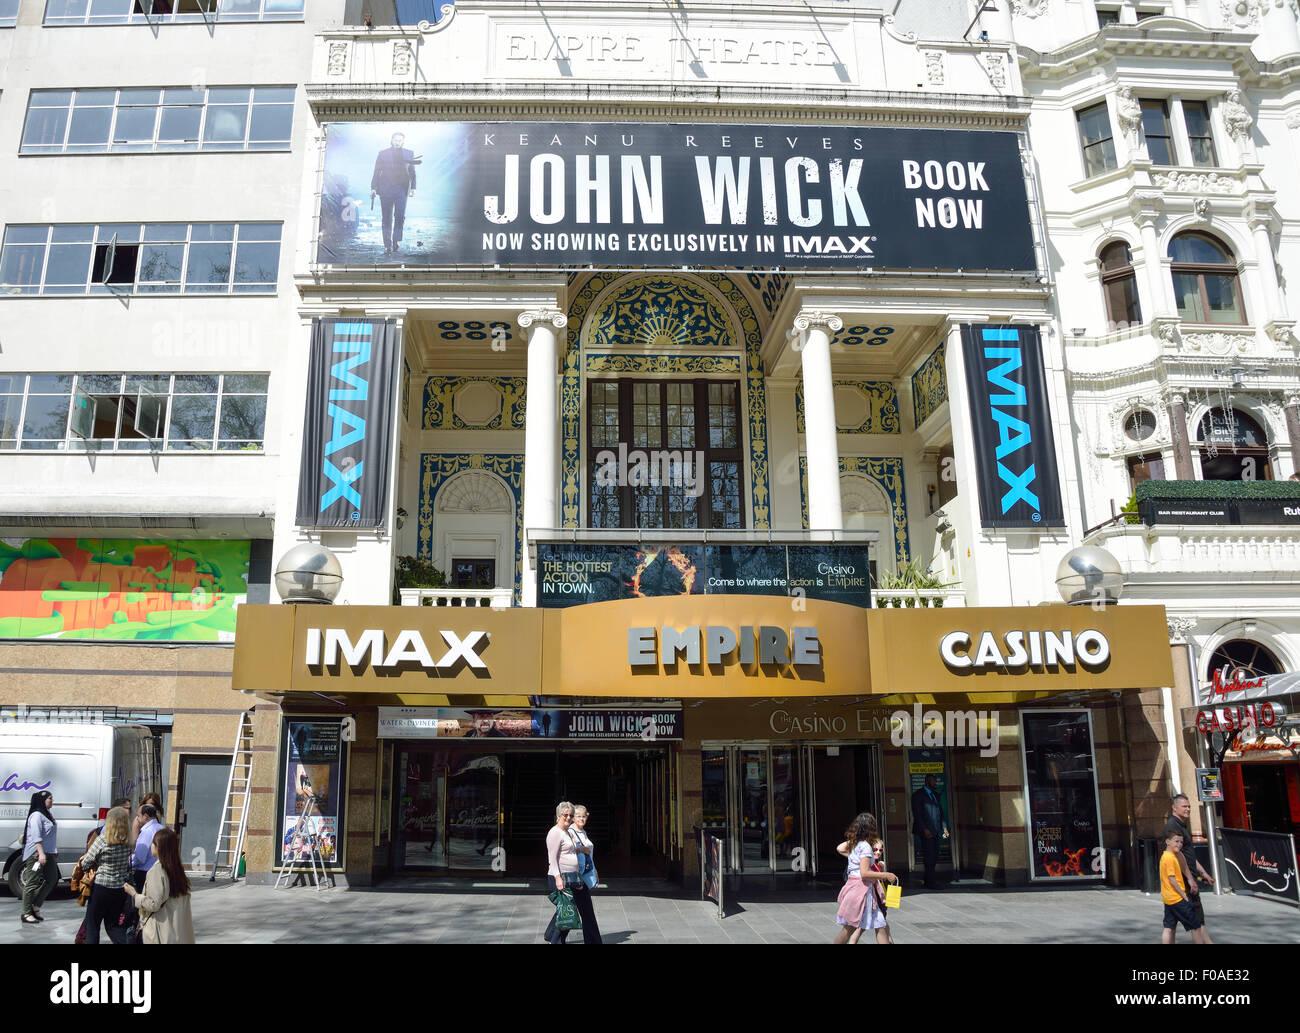 the empire casino leicester square london